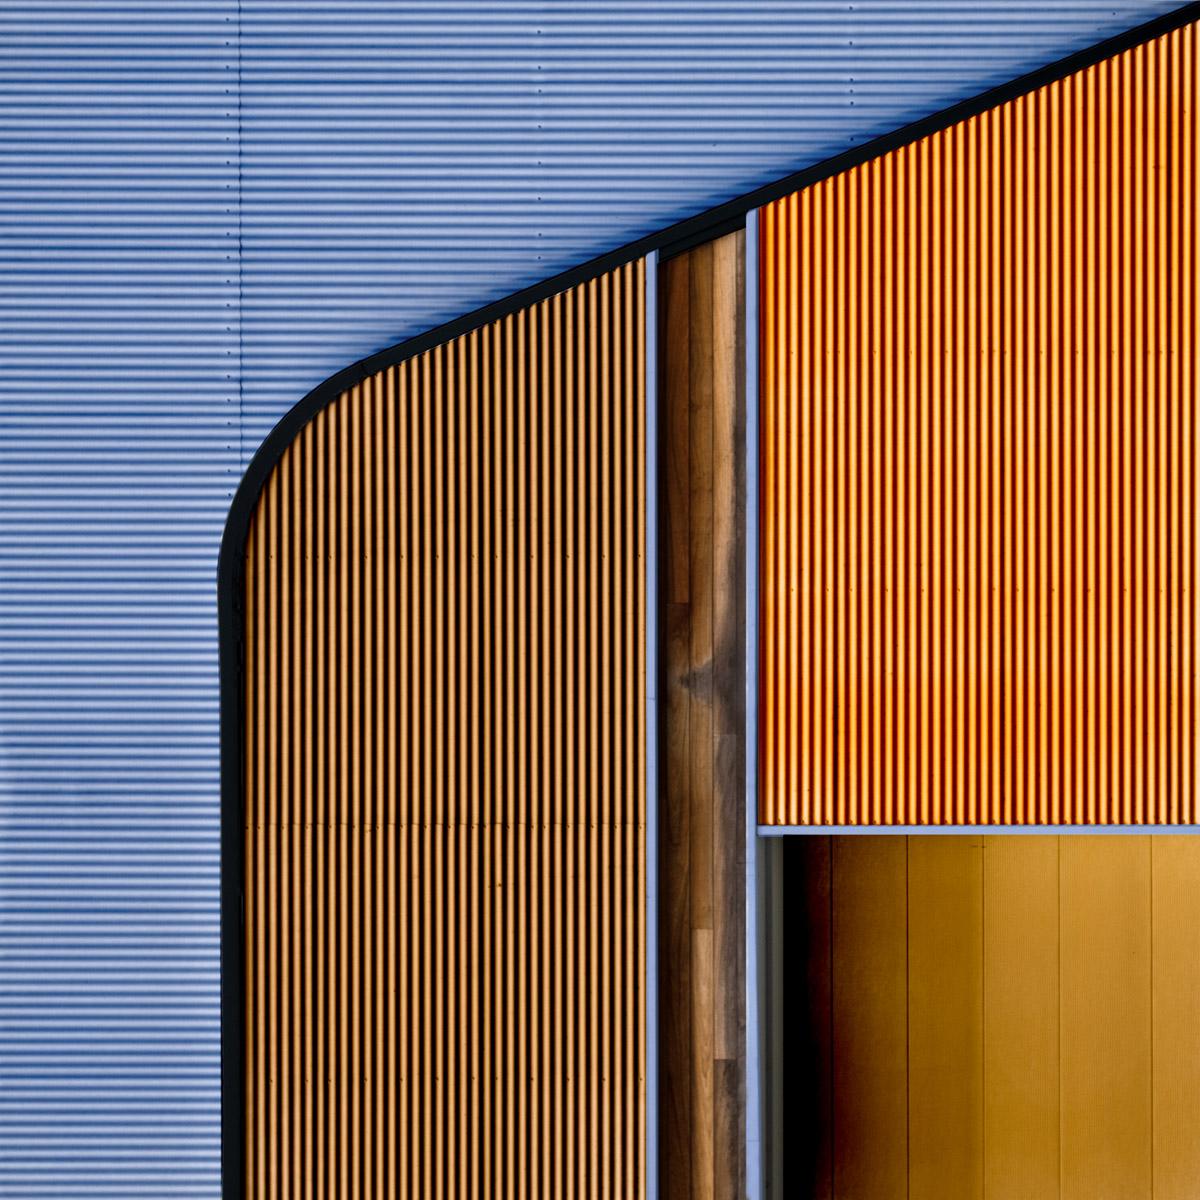 Steel & Wood by Harry Verschelden